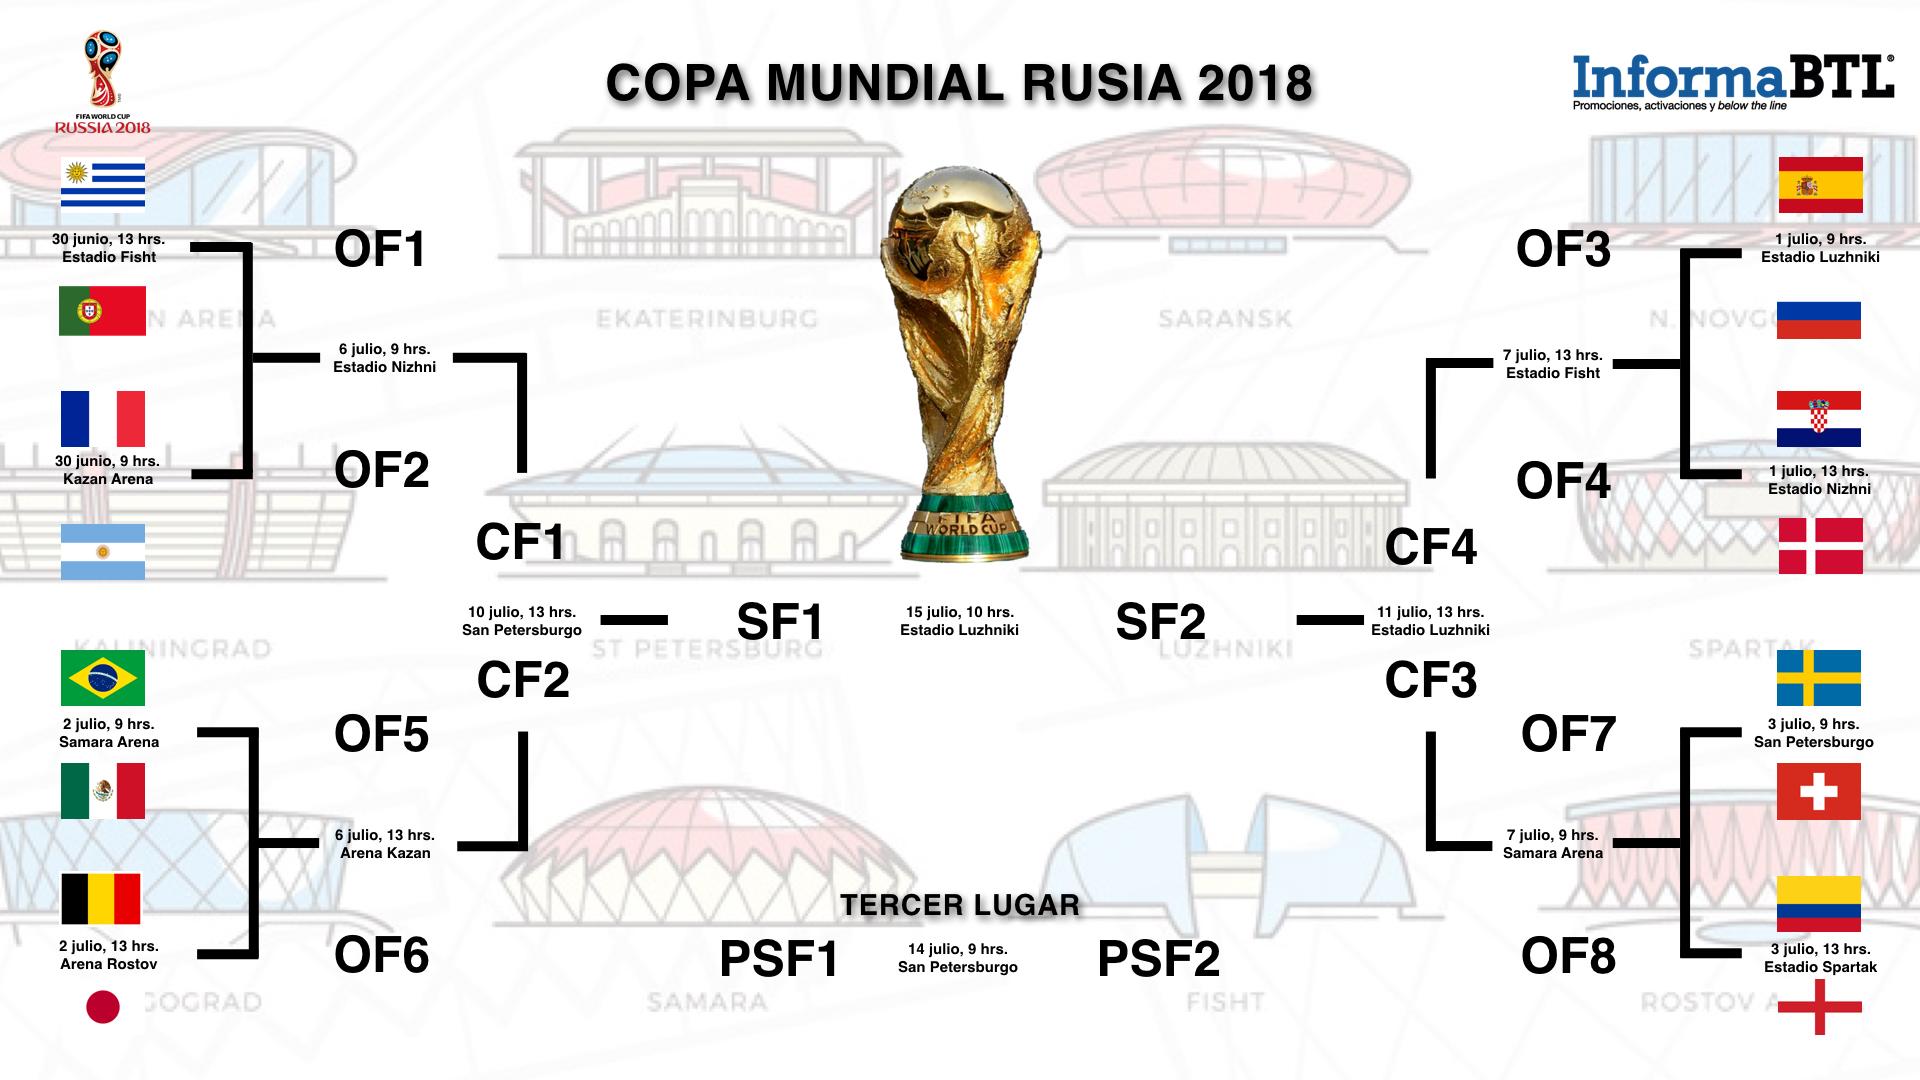 Calendario octavos de final - Copa del Mundo Rusia 2018